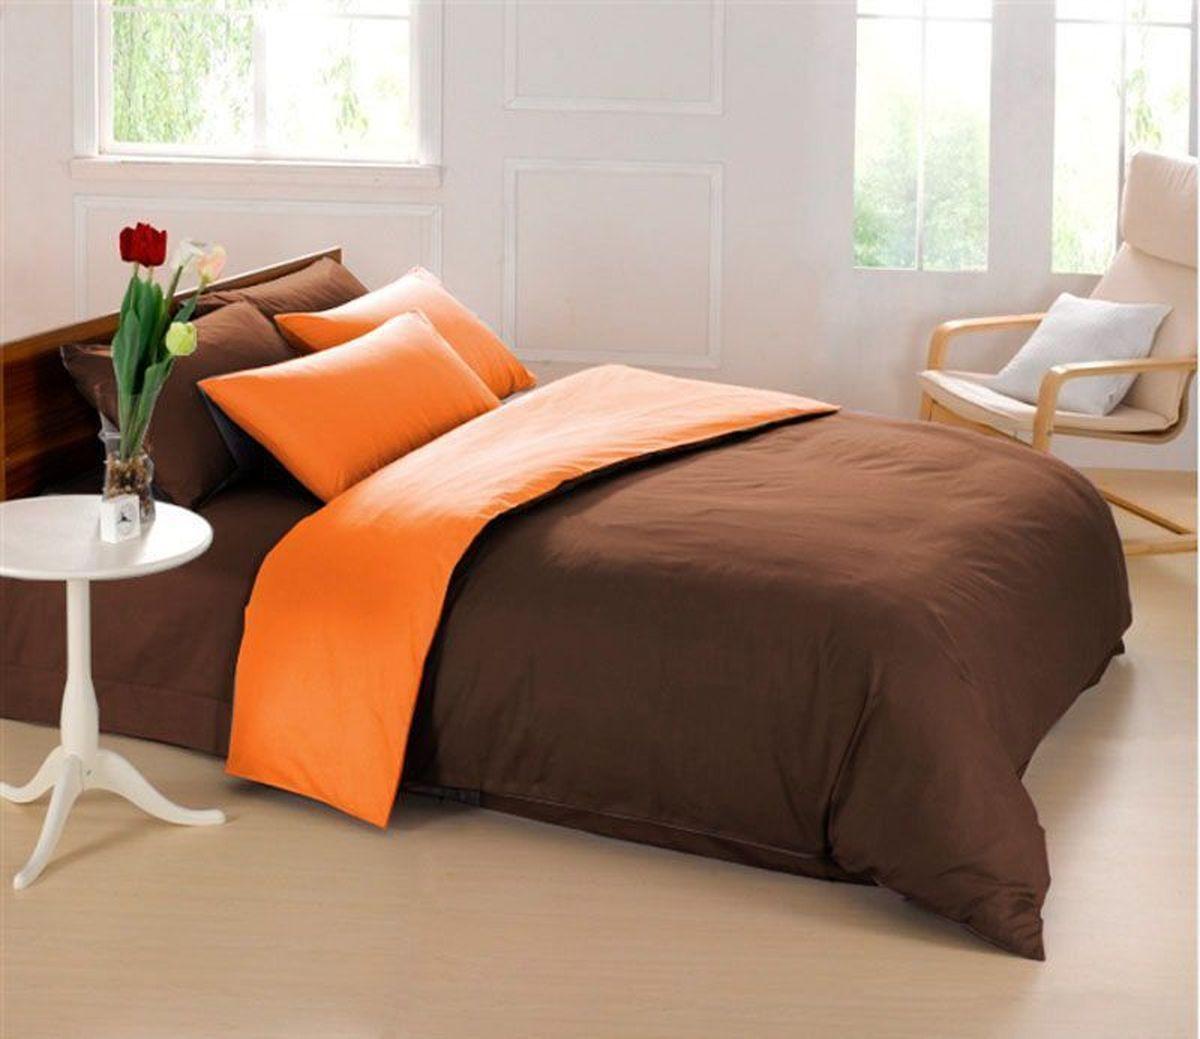 Комплект белья Sleep iX Perfection, семейный, наволочки 50х70, 70х70, цвет: оранжевый, темно-коричневыйpva215413Комплект постельного белья Sleep iX Perfection состоит из двух пододеяльников, простыни и четырех наволочек. Предметы комплекта выполнены из абсолютно гипоаллергенной микрофибры, неприхотливой в уходе.Благодаря такому комплекту постельного белья вы сможете создать атмосферу уюта и комфорта в вашей спальне.Известно, что цвет напрямую воздействует на психологическое и физическое состояние человека. Оранжевый – вызывает ощущение теплоты, бодрости, веселья, создает хорошее настроение. Оранжевый омолаживает, возбуждает аппетит, способствует оптимистическому настрою и гармонии с окружающей средой.Коричневый - спокойный и сдержанный цвет. Вызывает ощущение тепла, способствует созданию спокойного мягкого настроения. Это цвет надежности, прочности, здравого смысла.